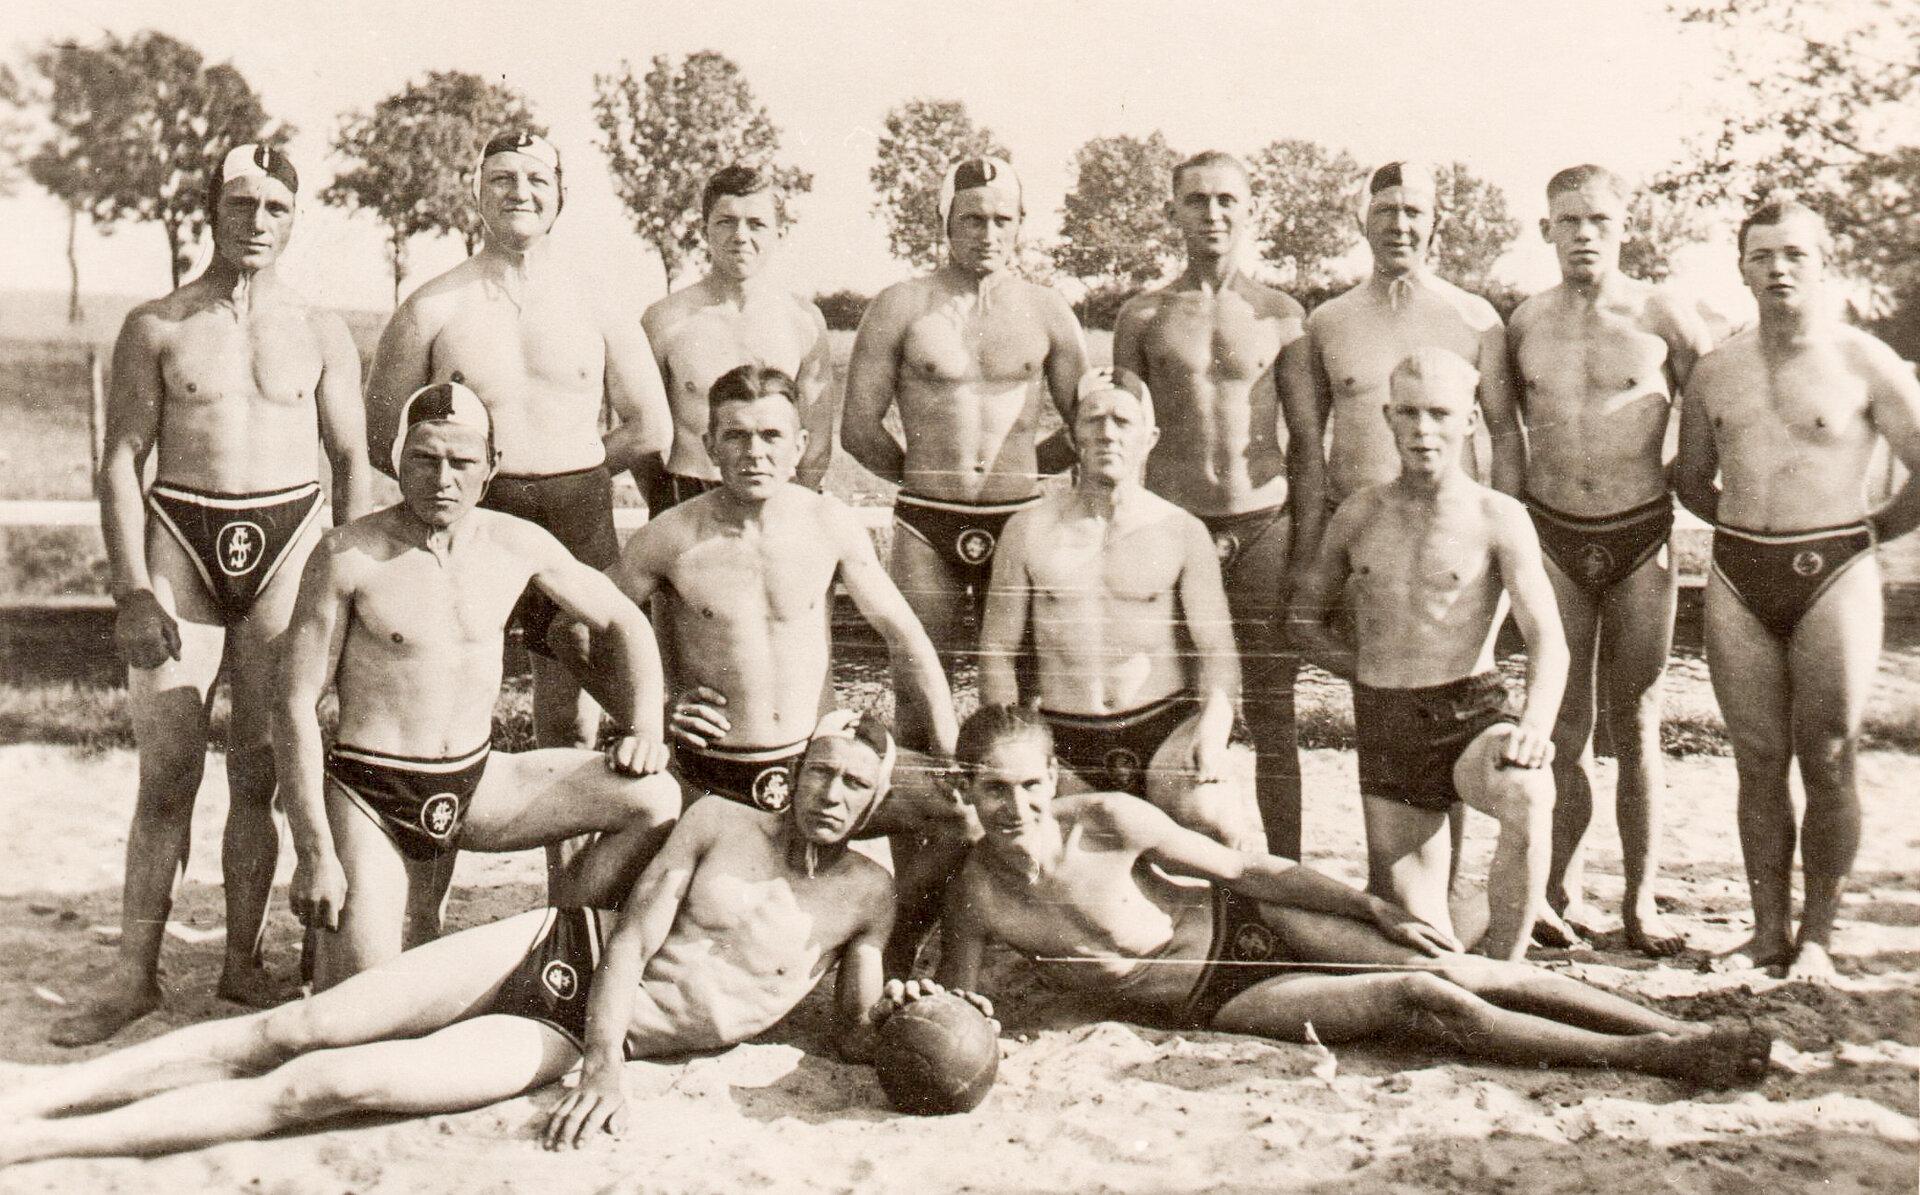 Wasserballspiel-Mannschaft der Freien Turner aus Pritzwalk und Perleberg, um 1930. Quelle: Museum